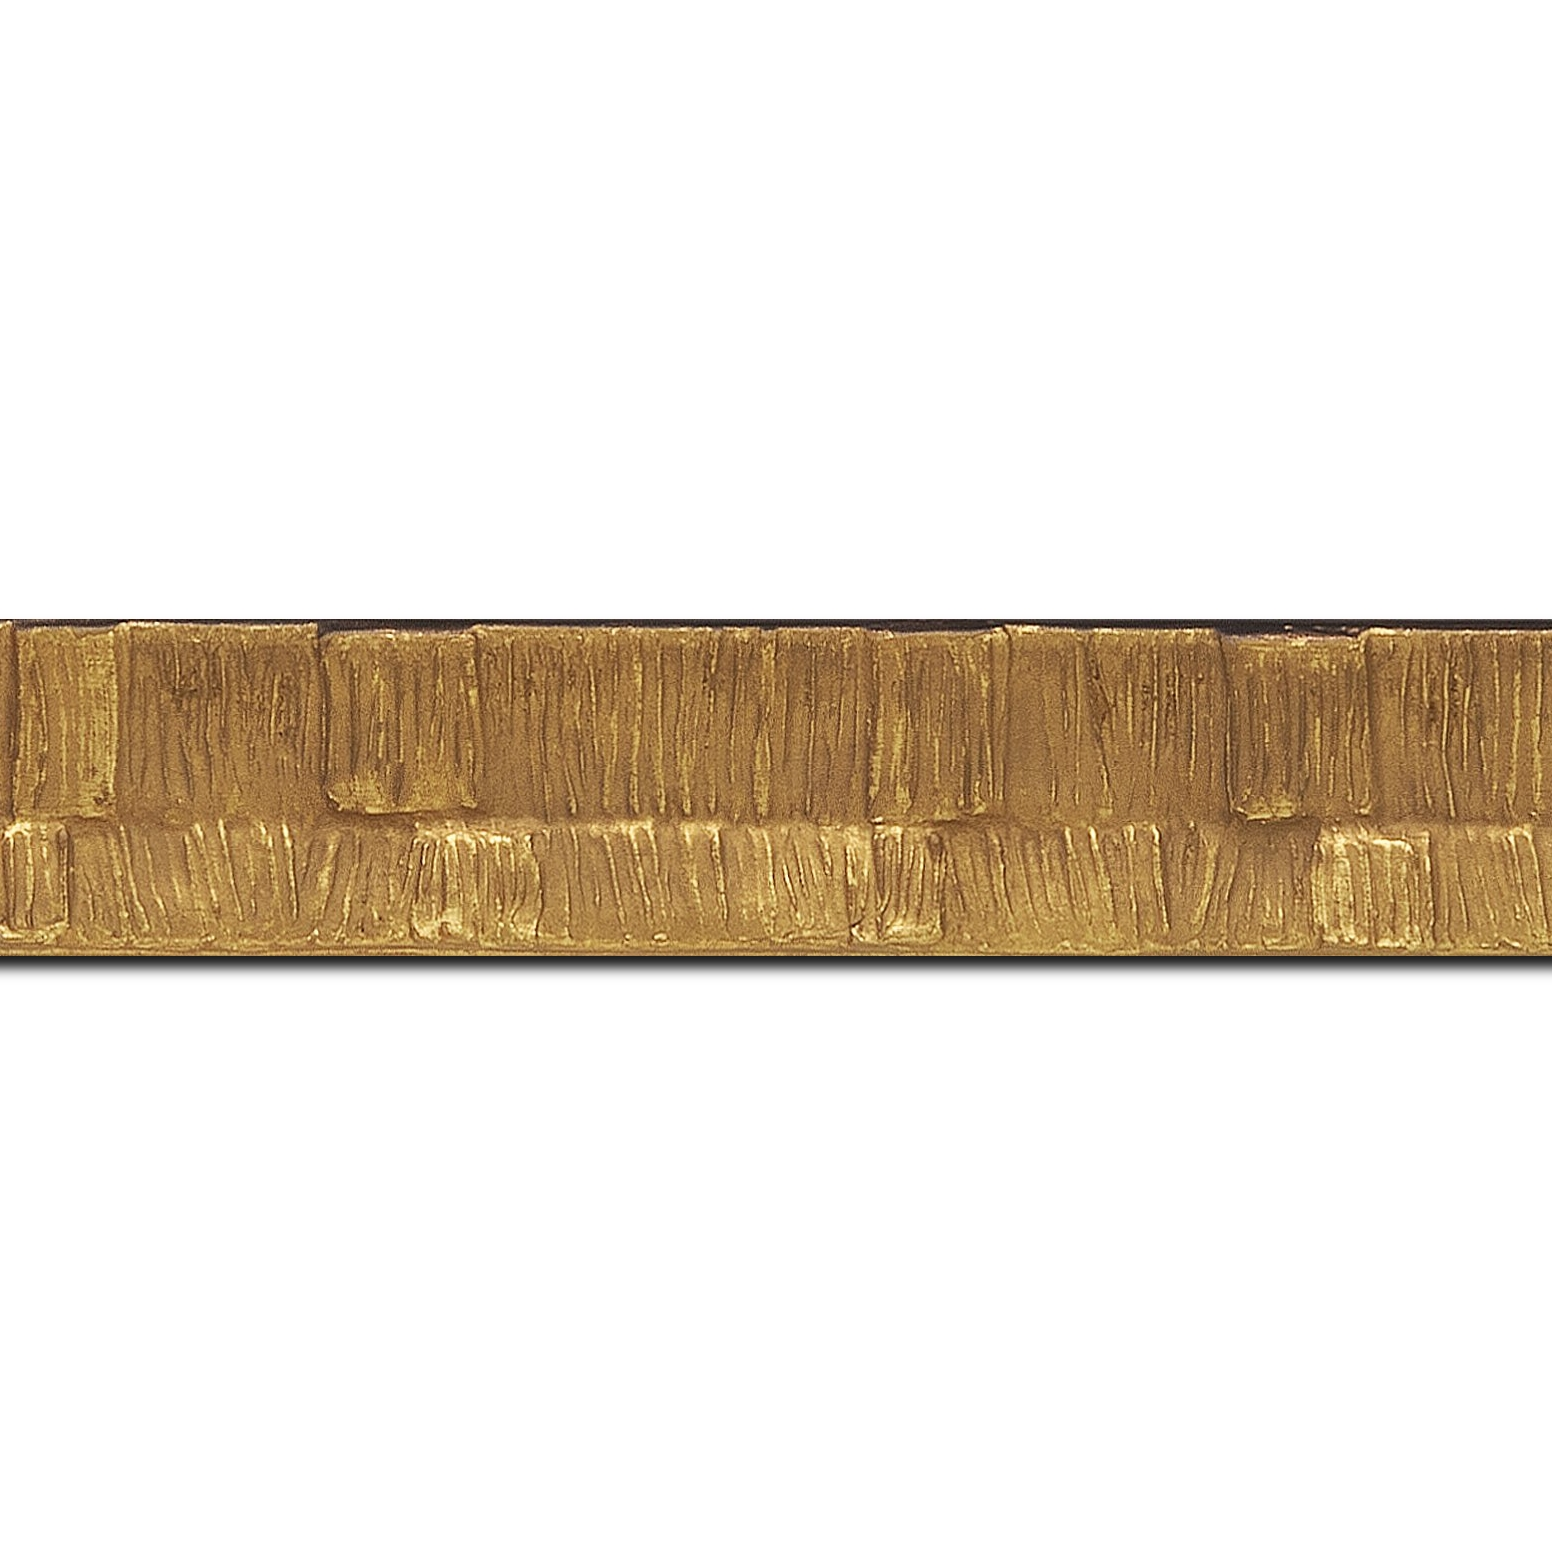 Pack par 12m, bois profil incurvé largeur 3cm  couleur or finition ethnique (longueur baguette pouvant varier entre 2.40m et 3m selon arrivage des bois)